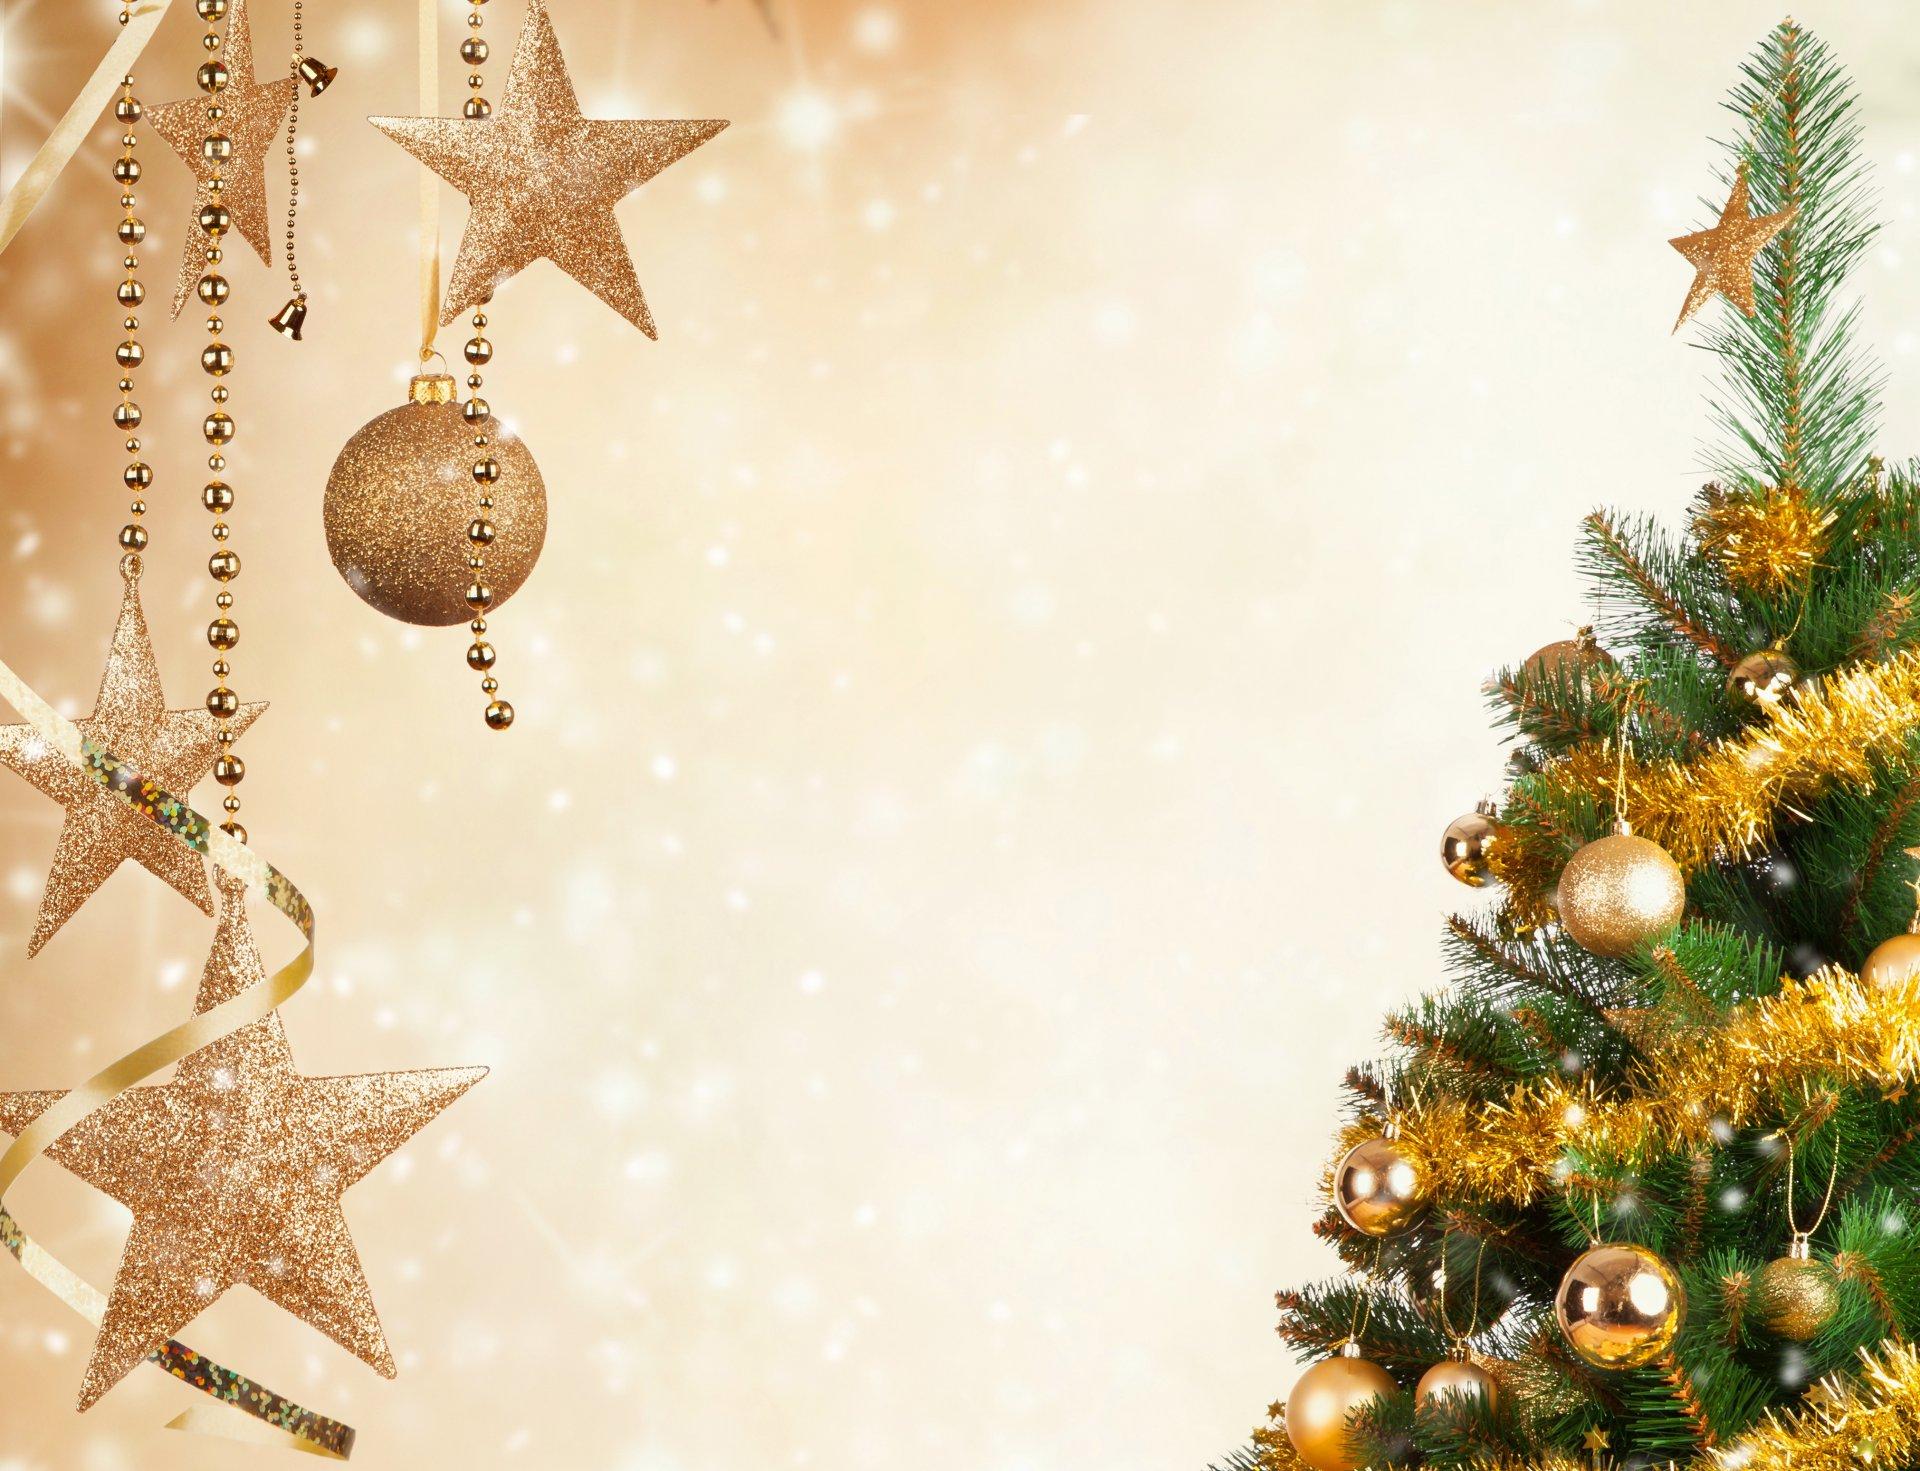 Красивый фон новый год для открытки